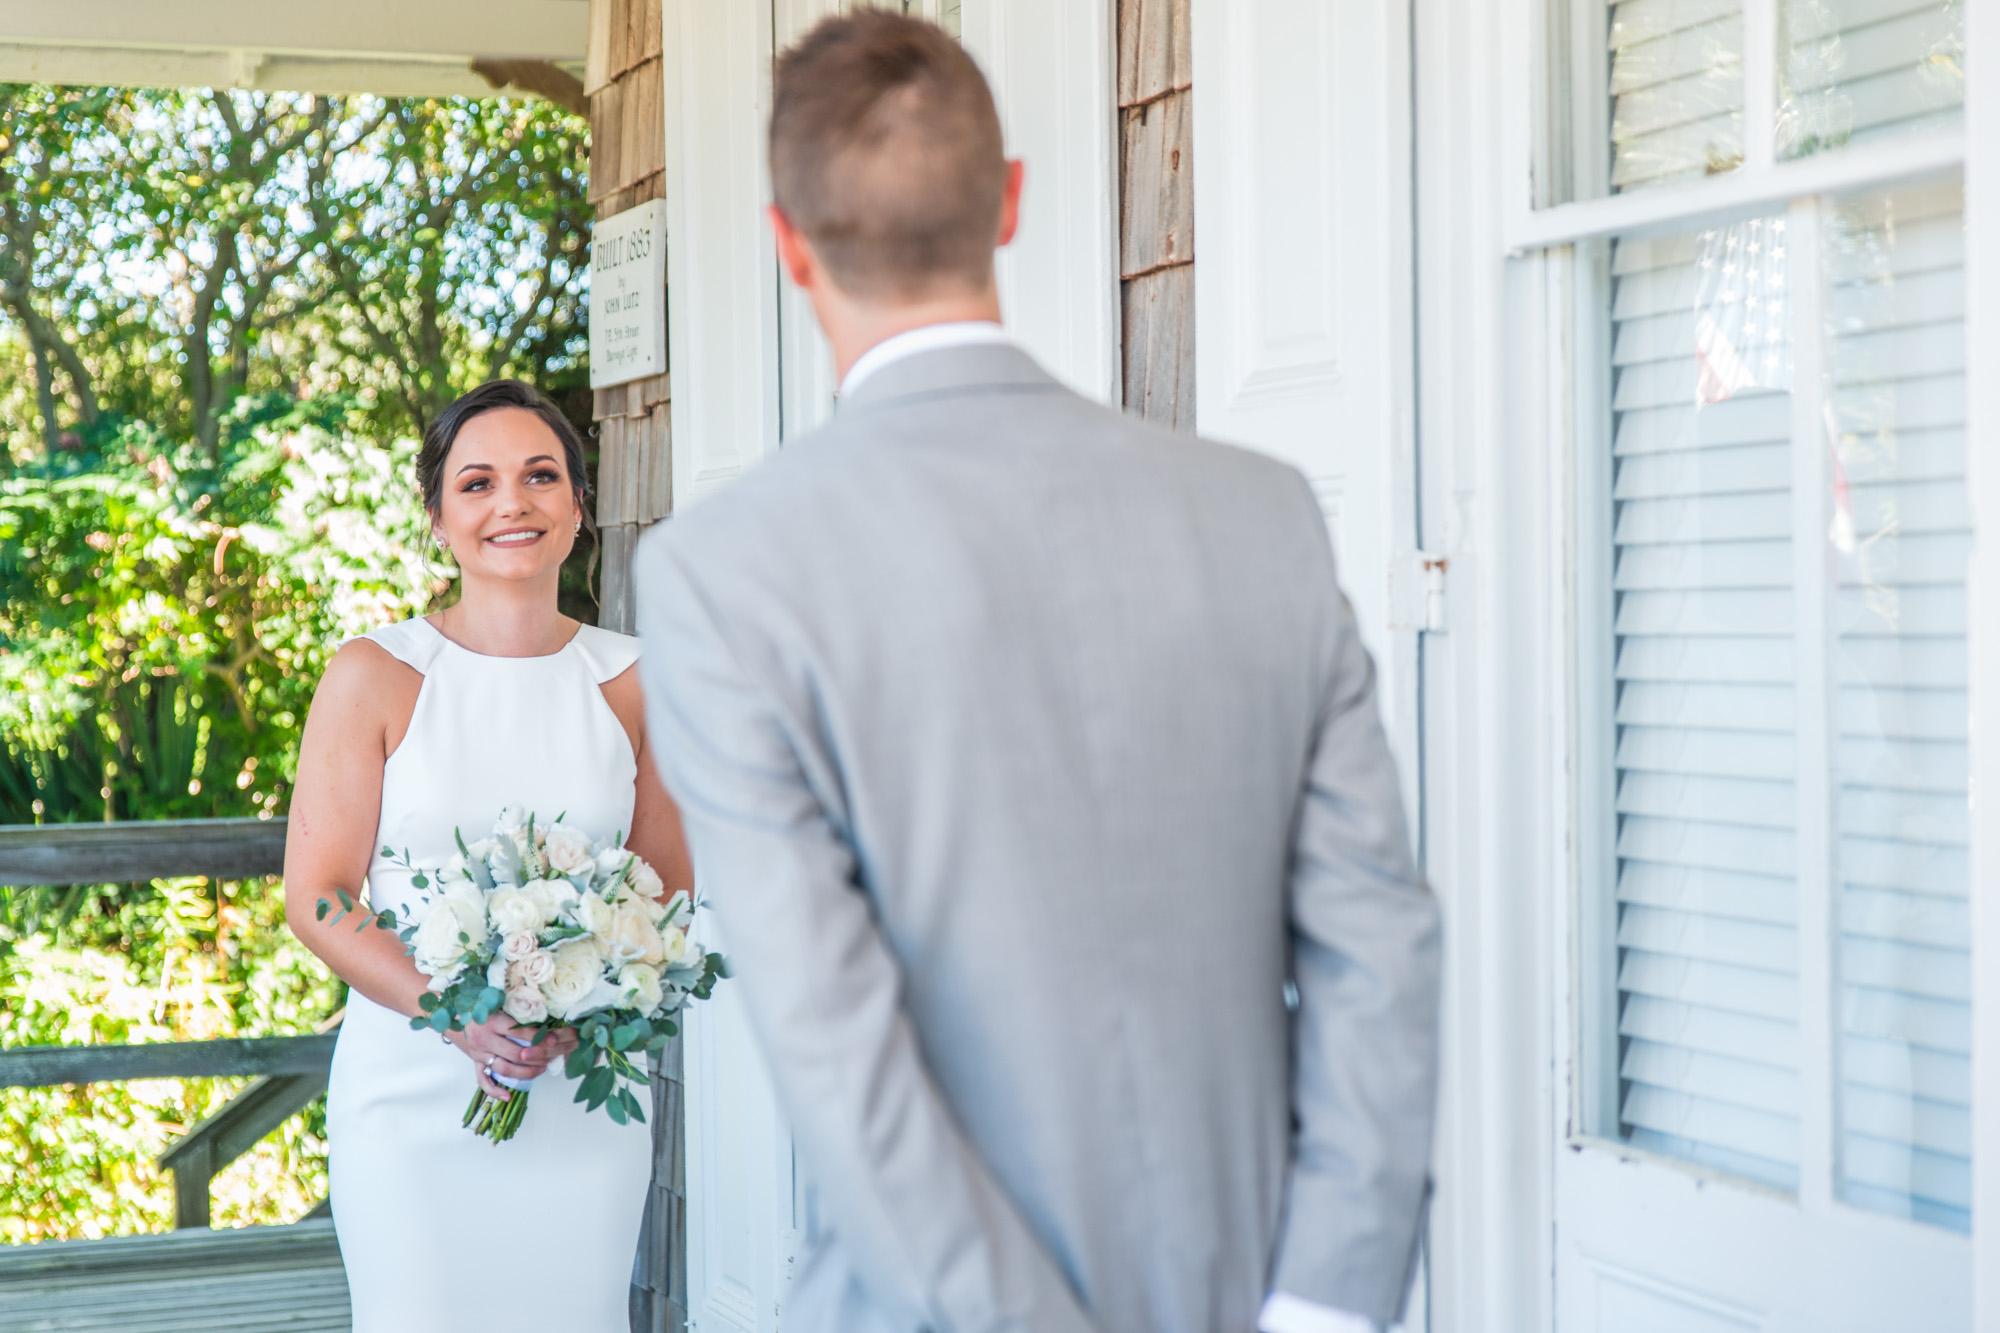 lbi-wedding-arts-foundation-lbi-wedding-photographer-tiff-10.jpg